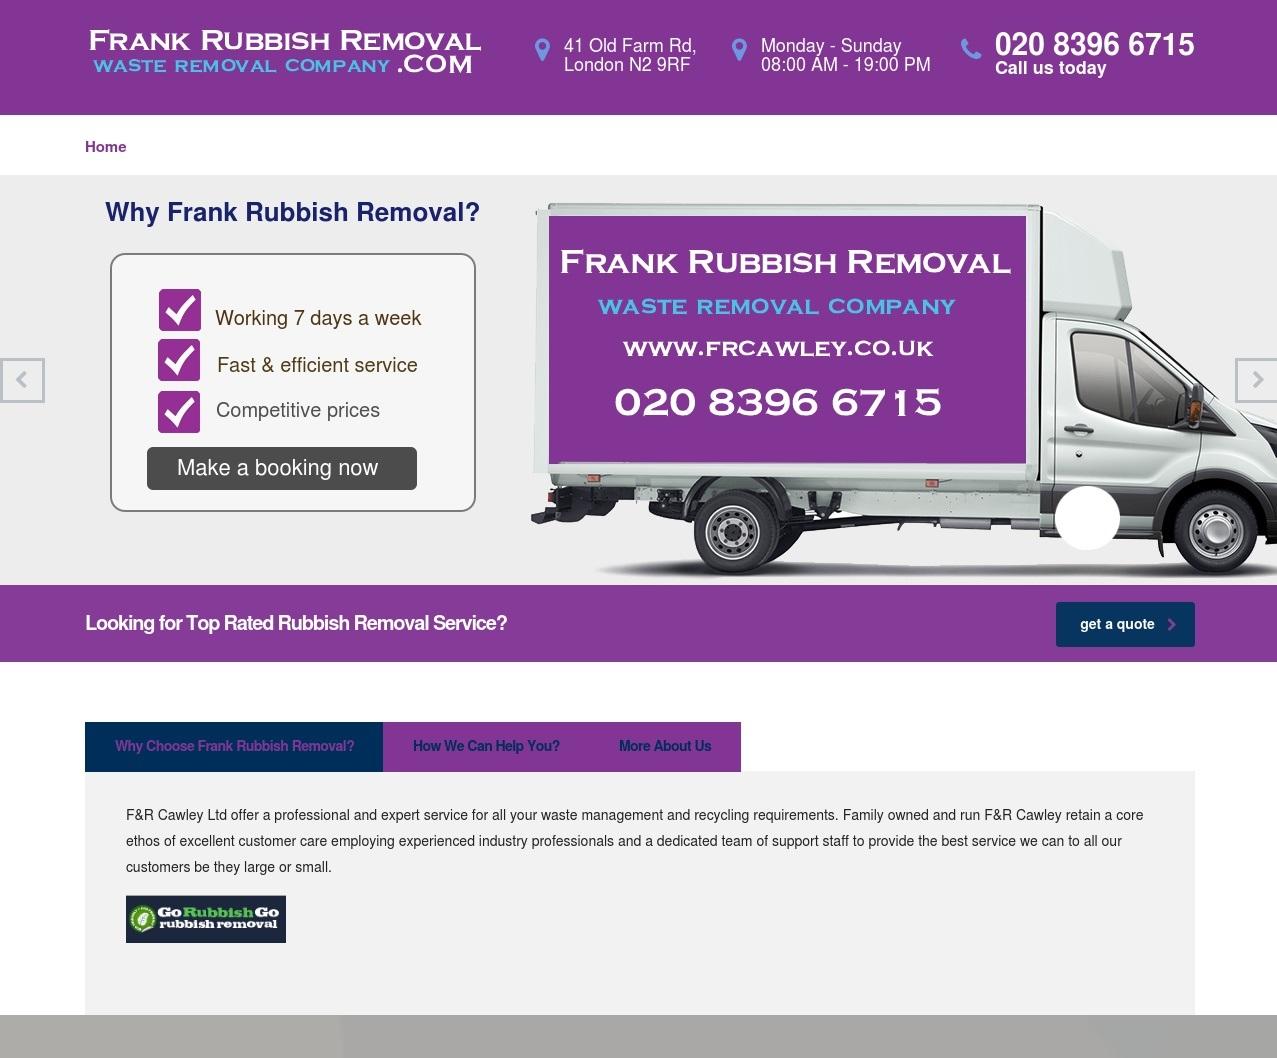 frank-rubbish-removal